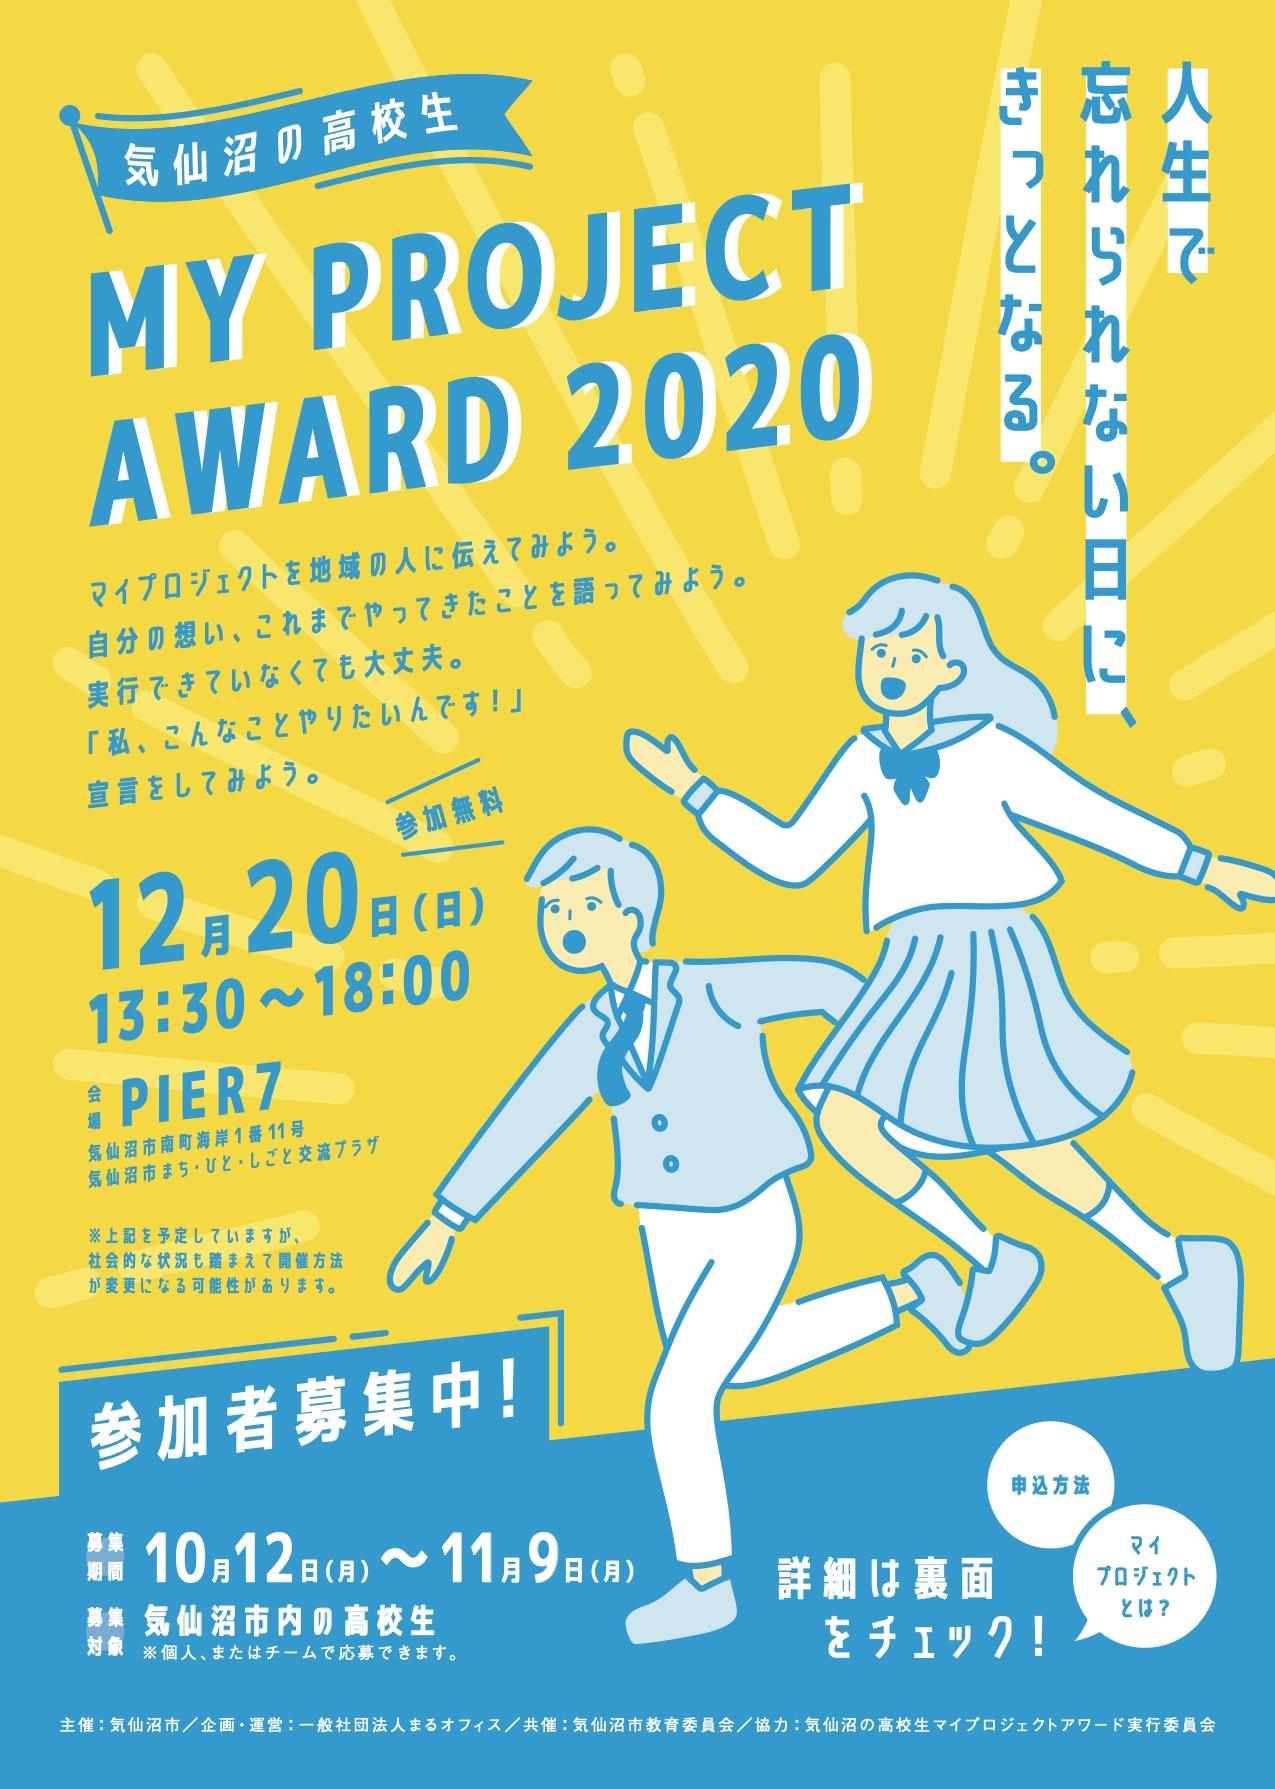 気仙沼の高校生MY PROJECT AWARD 2020参加者募集チラシ